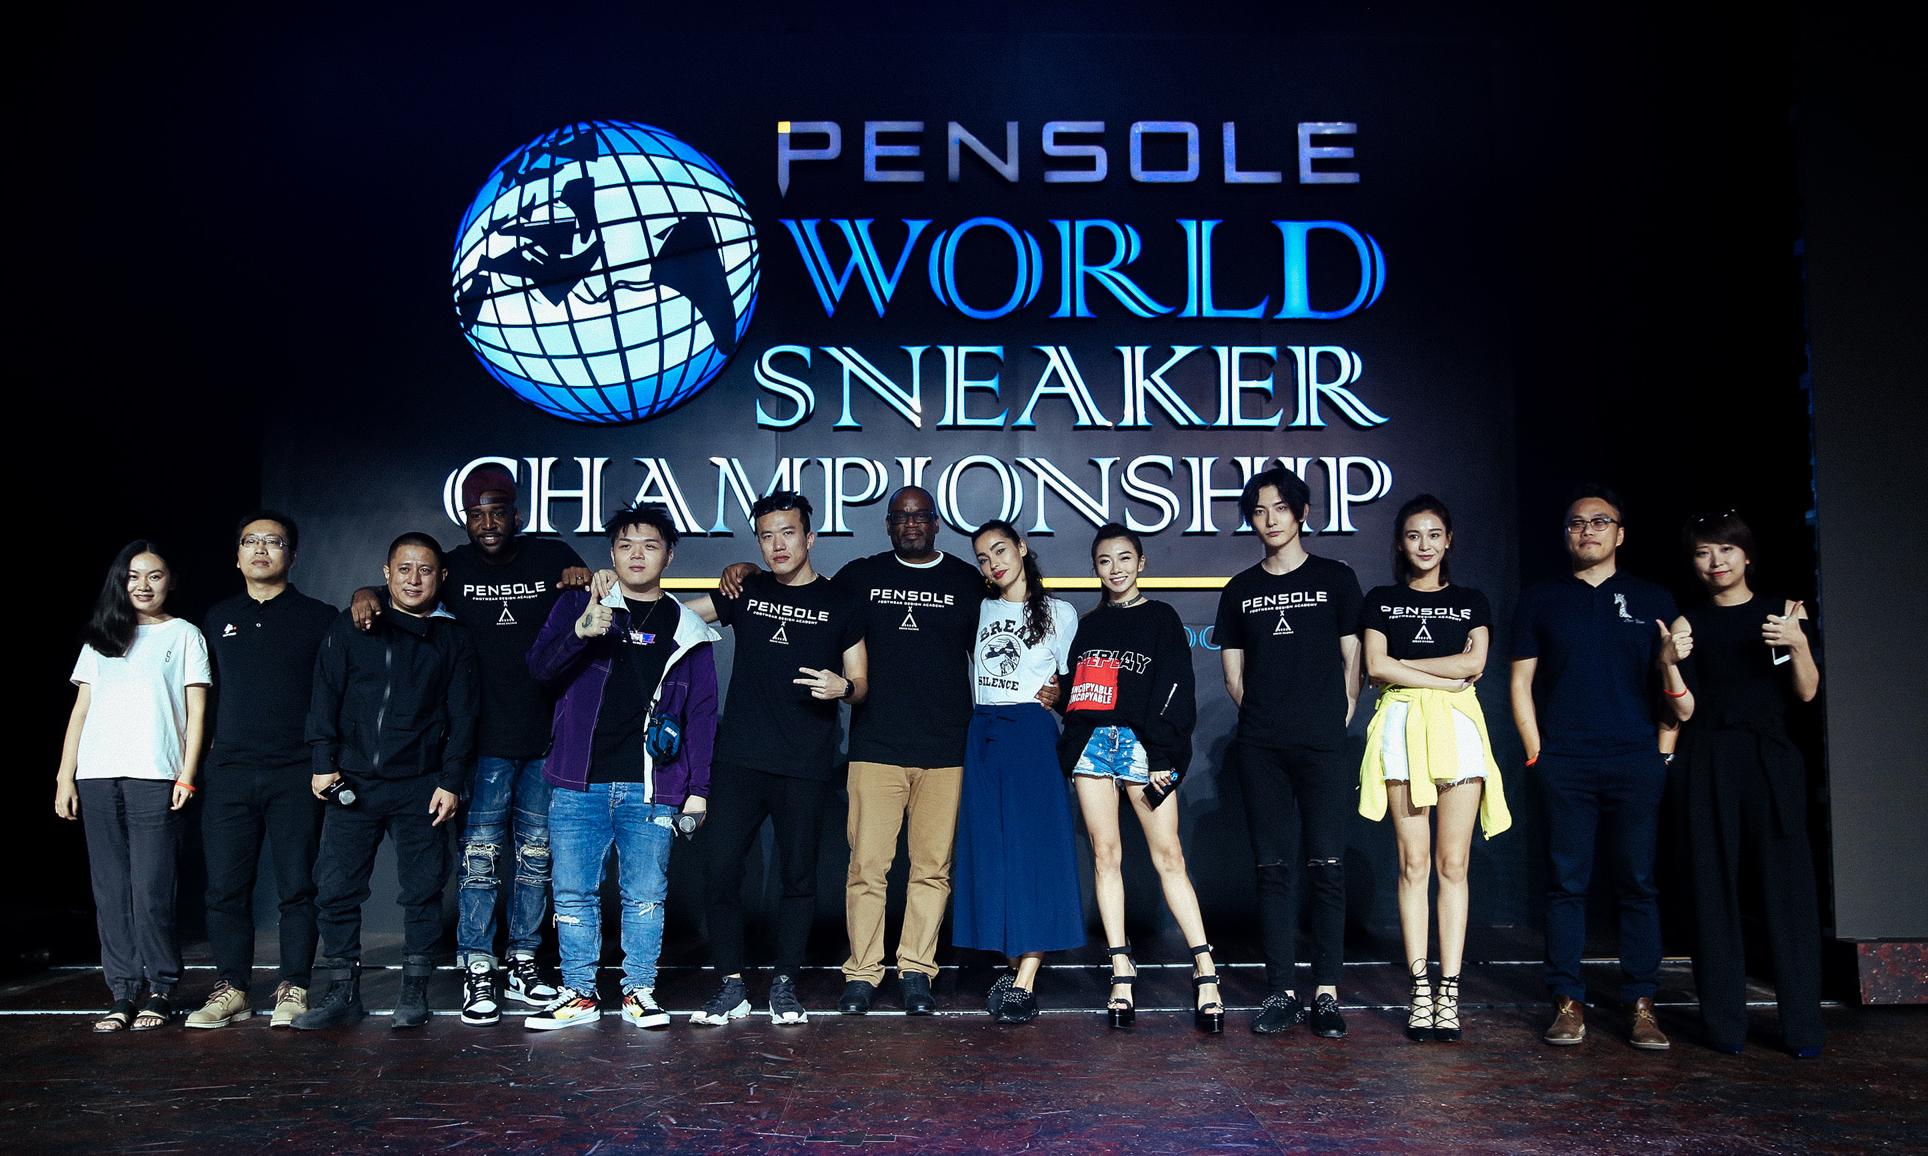 第一次来到中国的世界球鞋大赛,竟比在美国还要精彩?